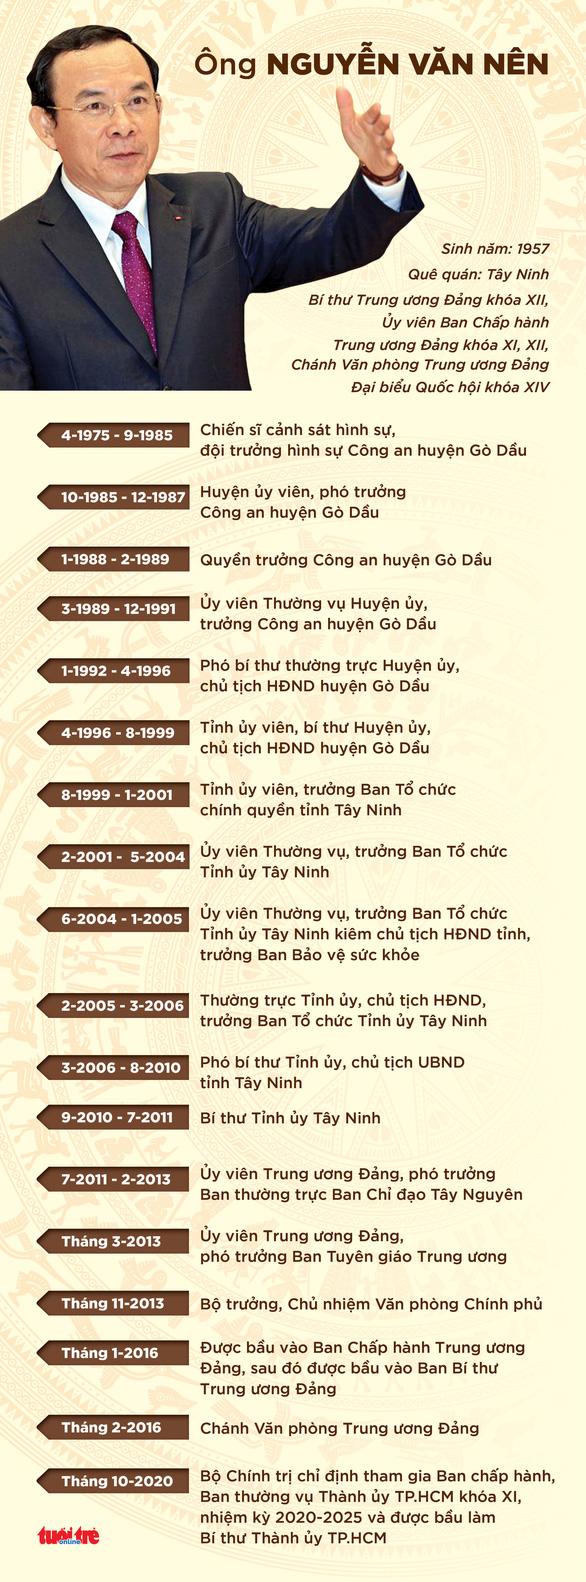 Đại biểu Nguyễn Văn Nên chuyển về Đoàn đại biểu Quốc hội TP.HCM - Ảnh 2.